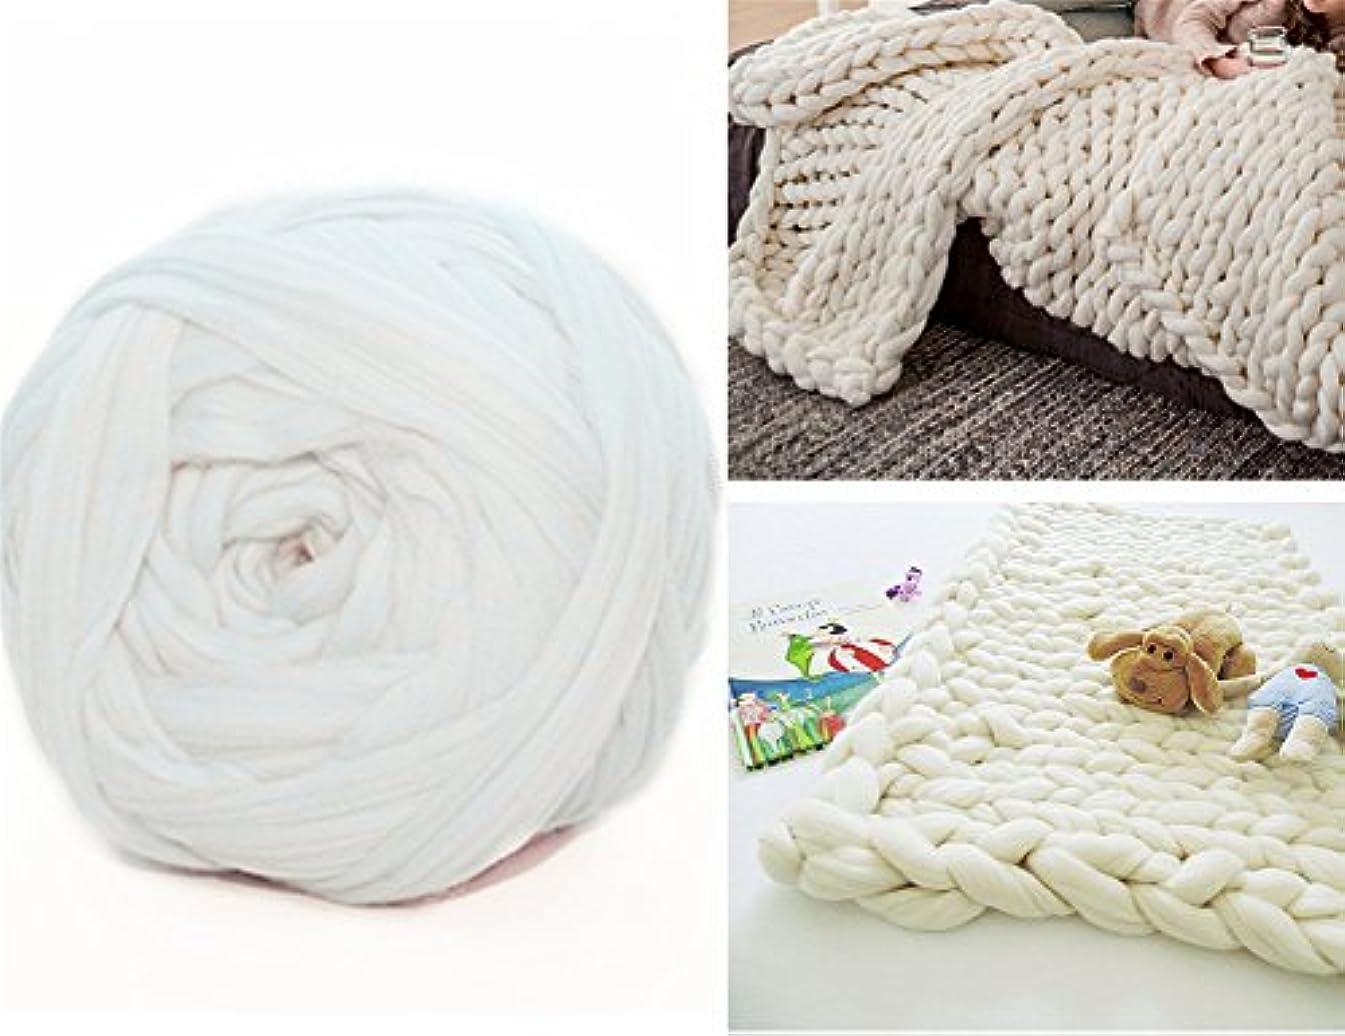 Arm Knitting Yarn Chunky Wool Yarn Bulky Wool Yarn Giant Knit Yarn Extreme Knitting (1.1lbs/0.5kg, White)